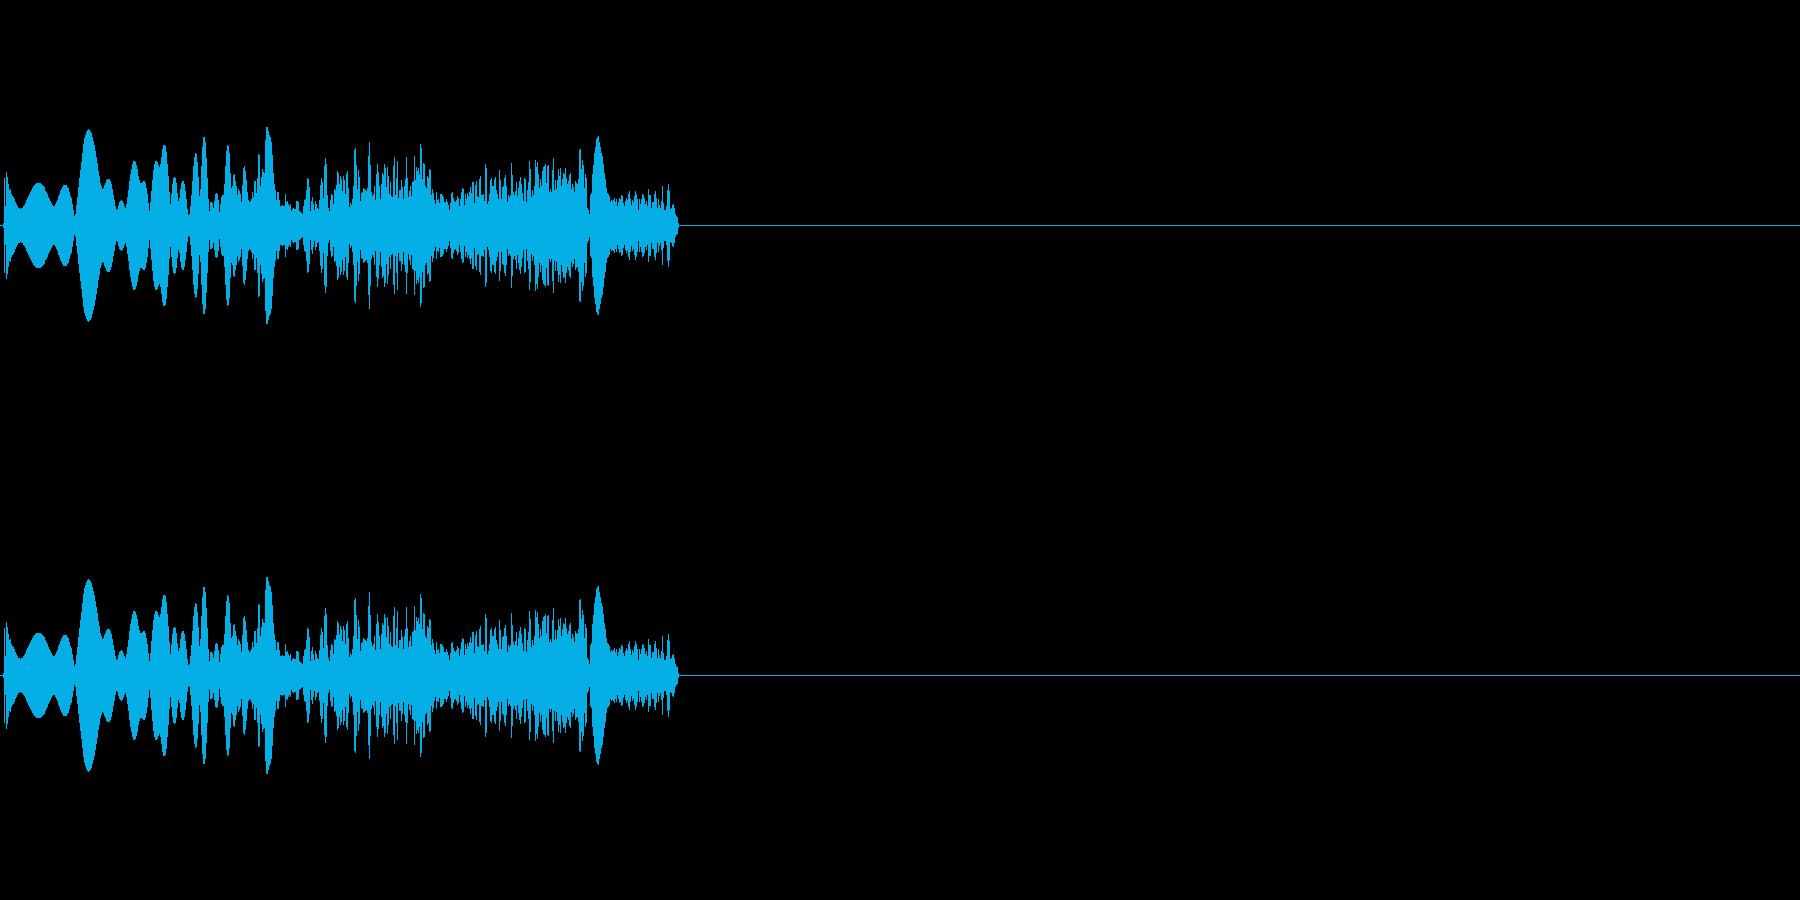 ヒュイーン(起動音 未来的)の再生済みの波形